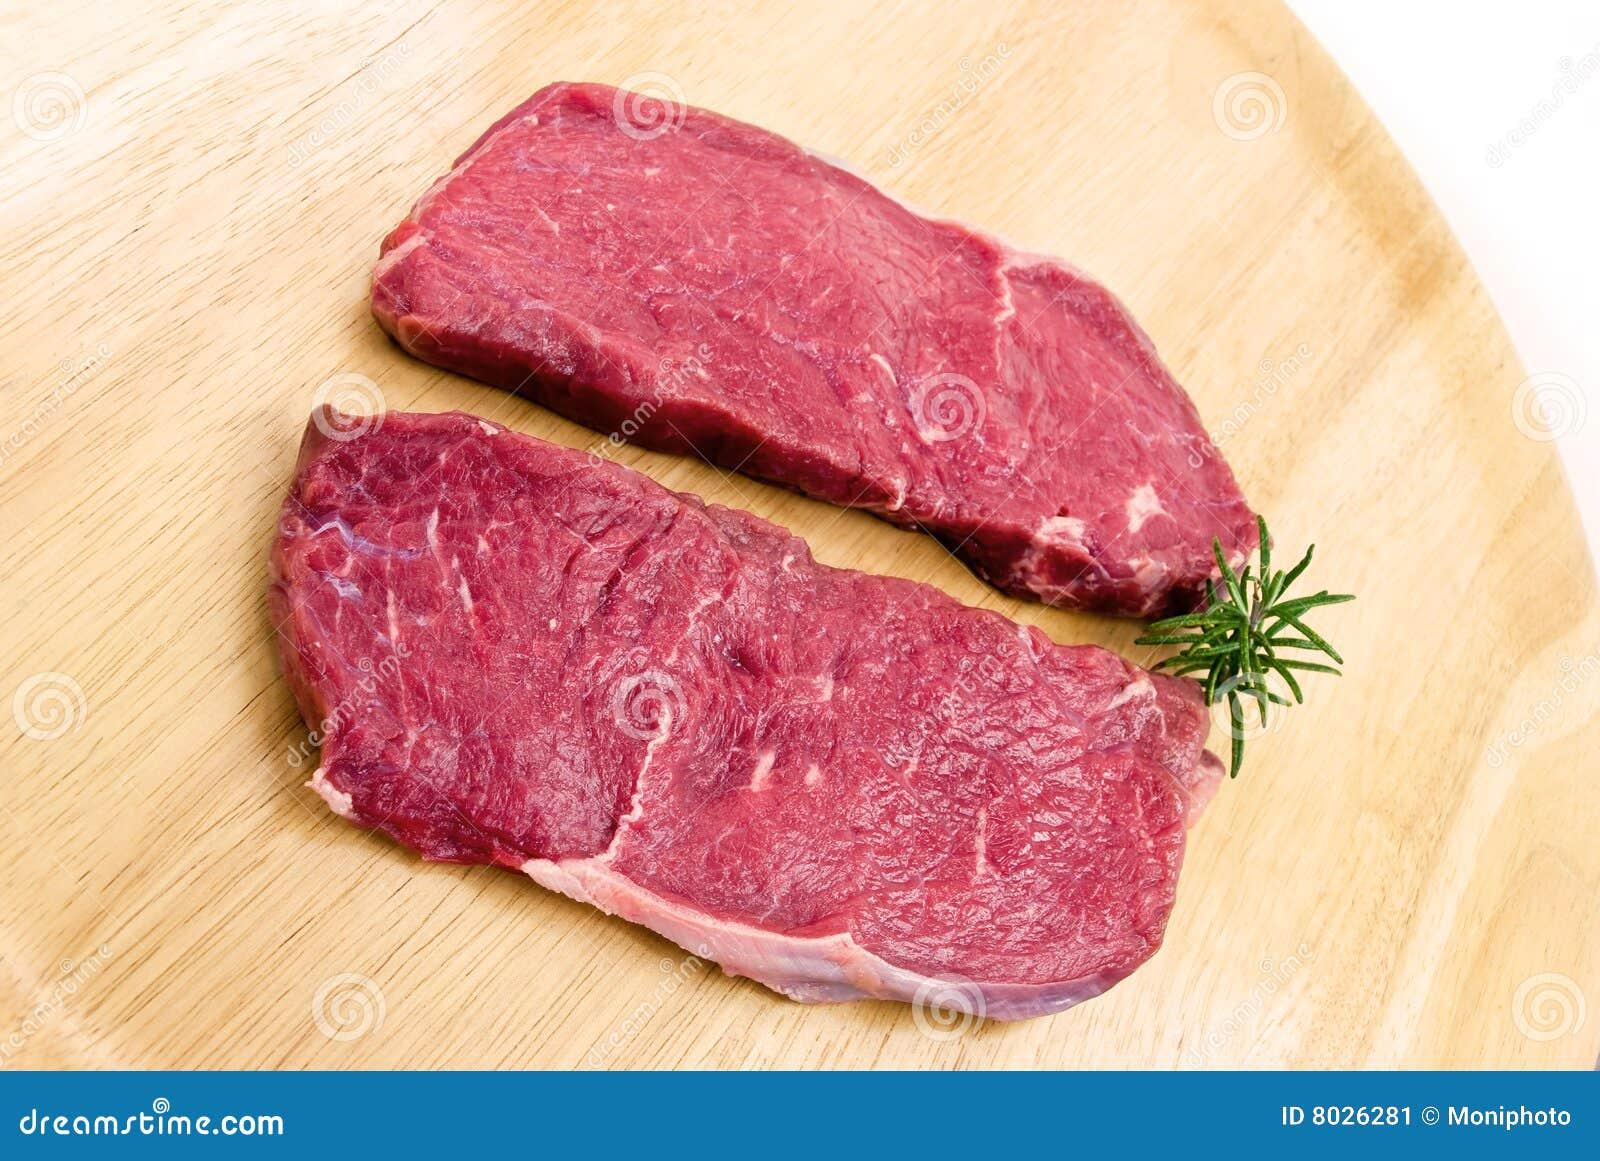 Raw Beef-roast Beef Meat Steak On The Wooden Backg Stock ...